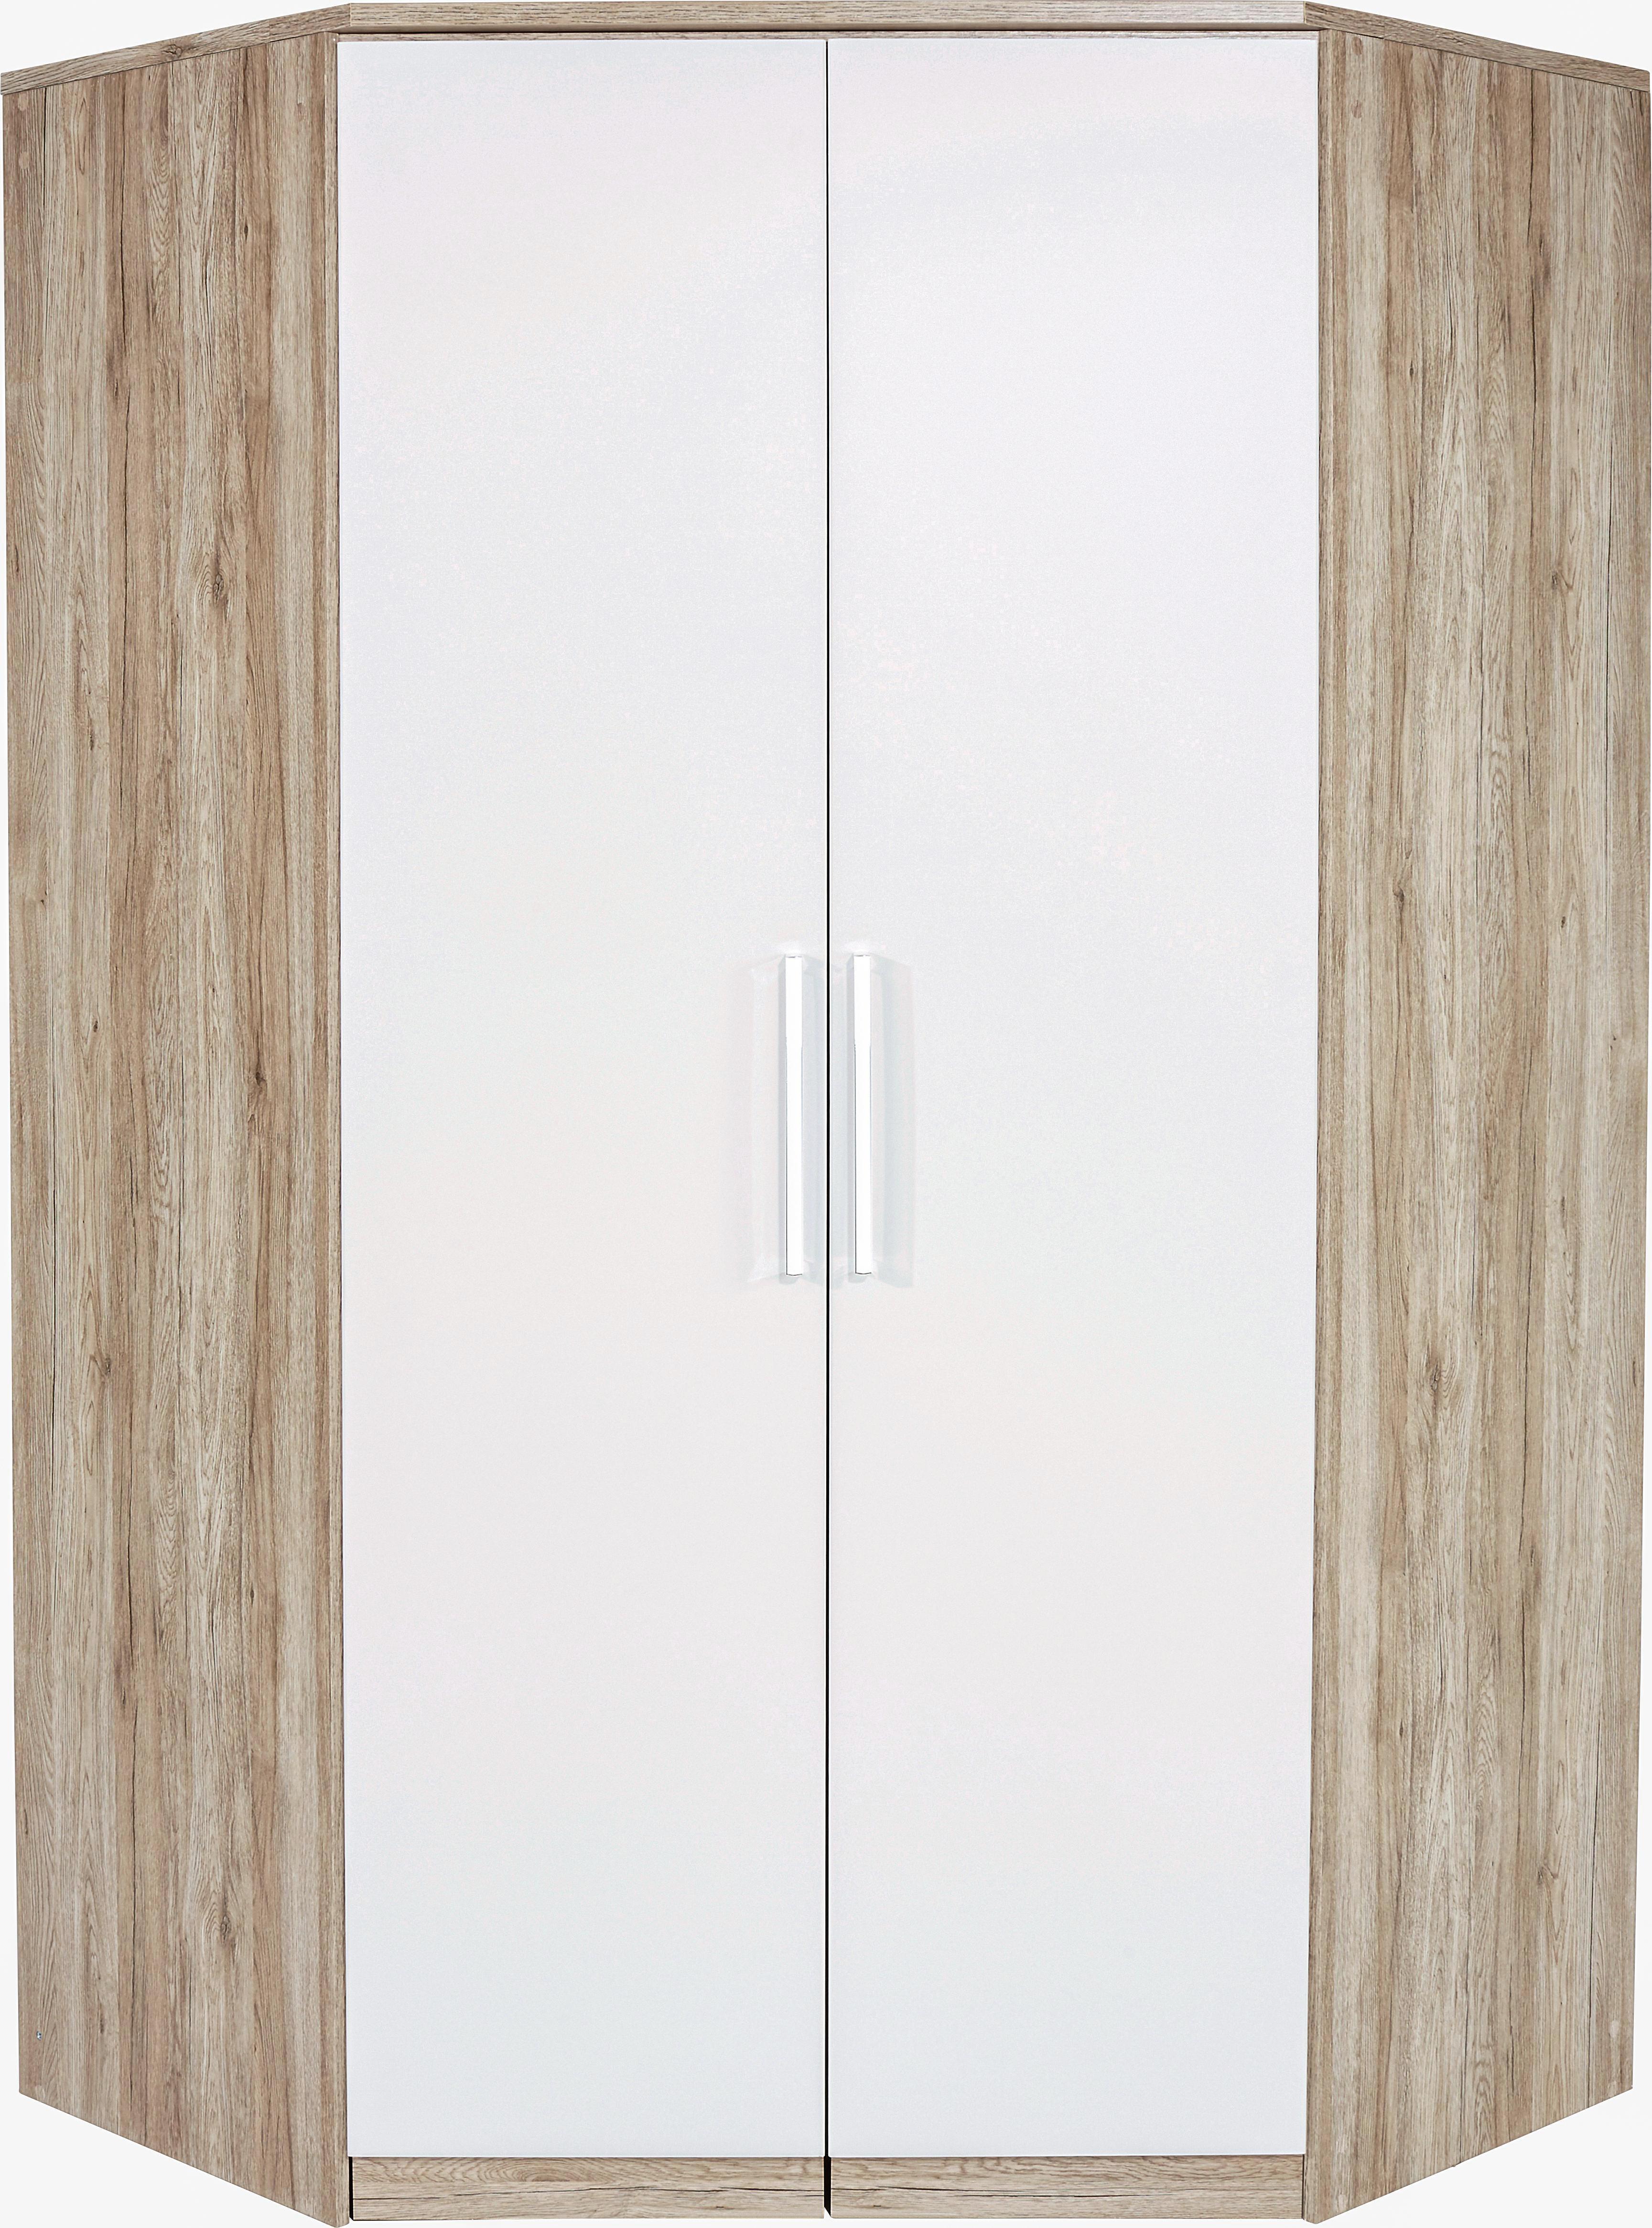 SAROKSZEKRÉNY WIEN - tölgy színű/fehér, konvencionális, faanyagok (117/212cm)